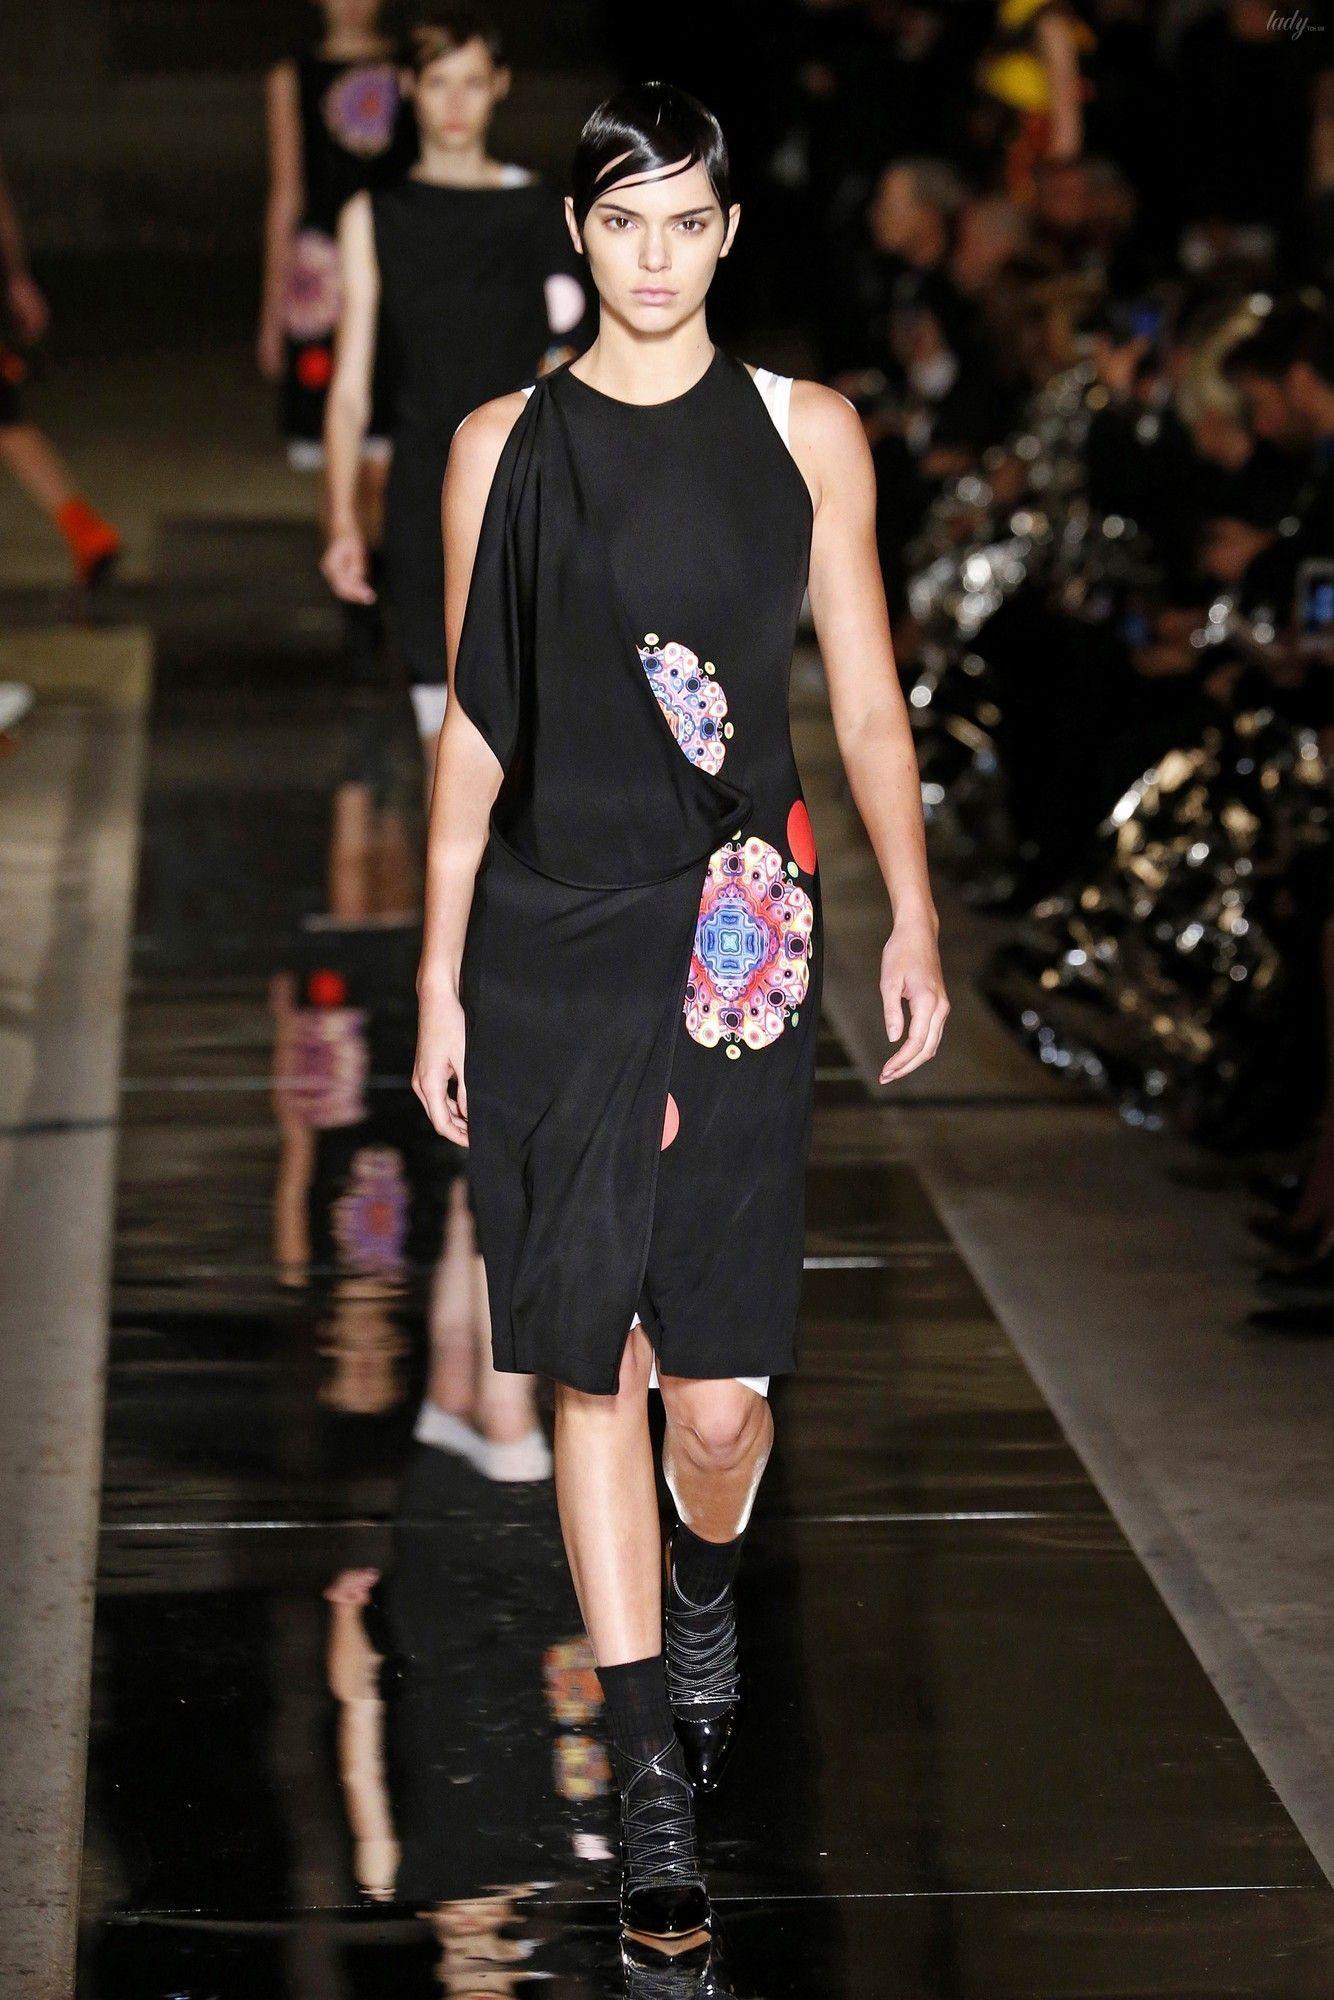 Cумки Живанши сумка Givenchy сумки женские